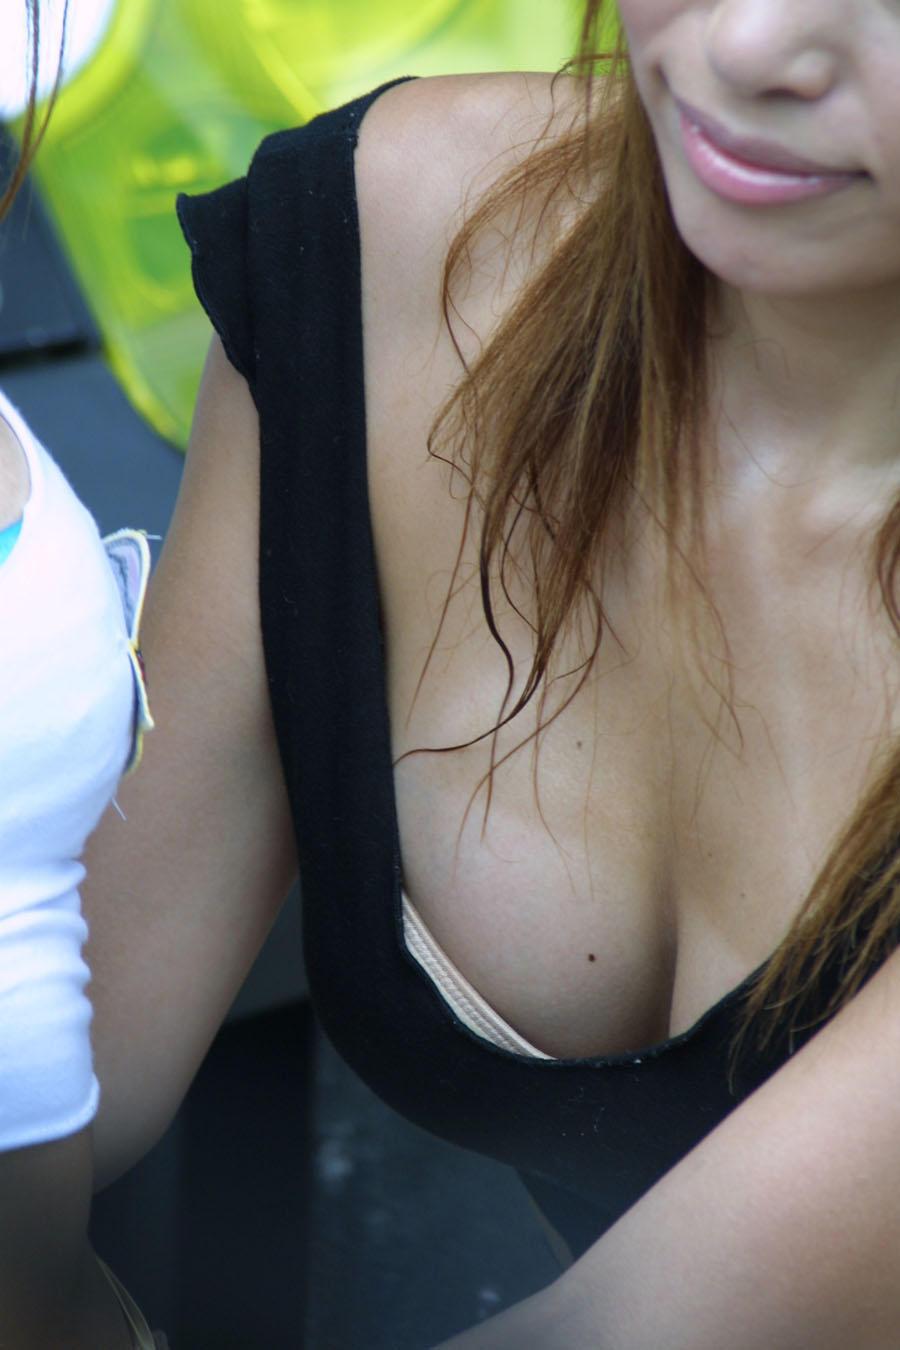 【胸チラエロ画像】薄着の季節は胸元に注目!ブラも見えるおっぱいチラ見えwww 14